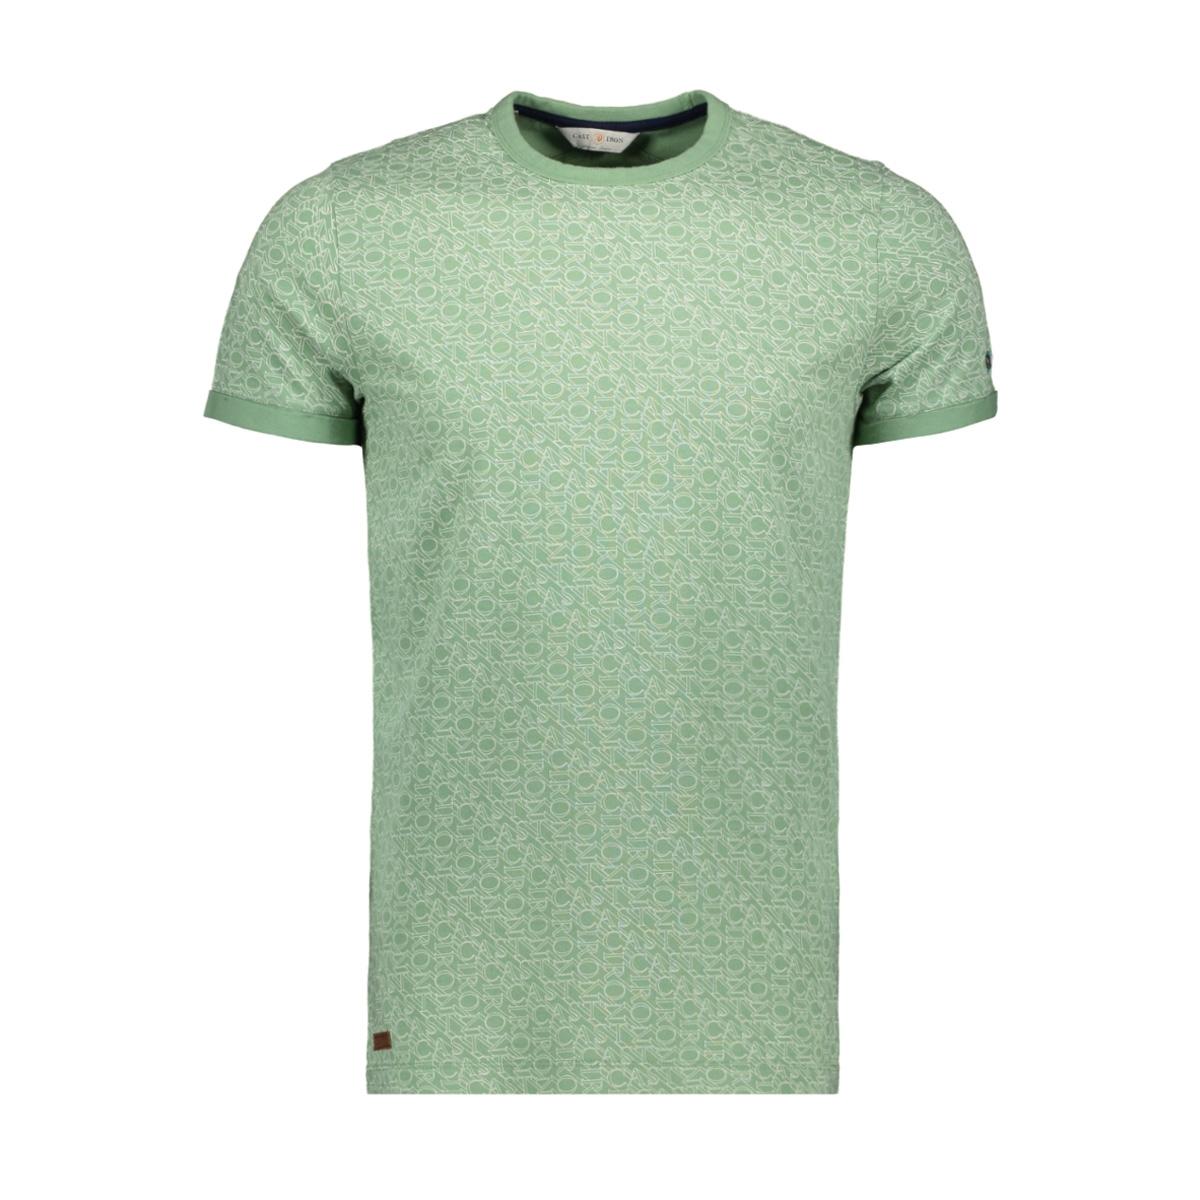 logo text all over print t shirt ctss193312 cast iron t-shirt 6186